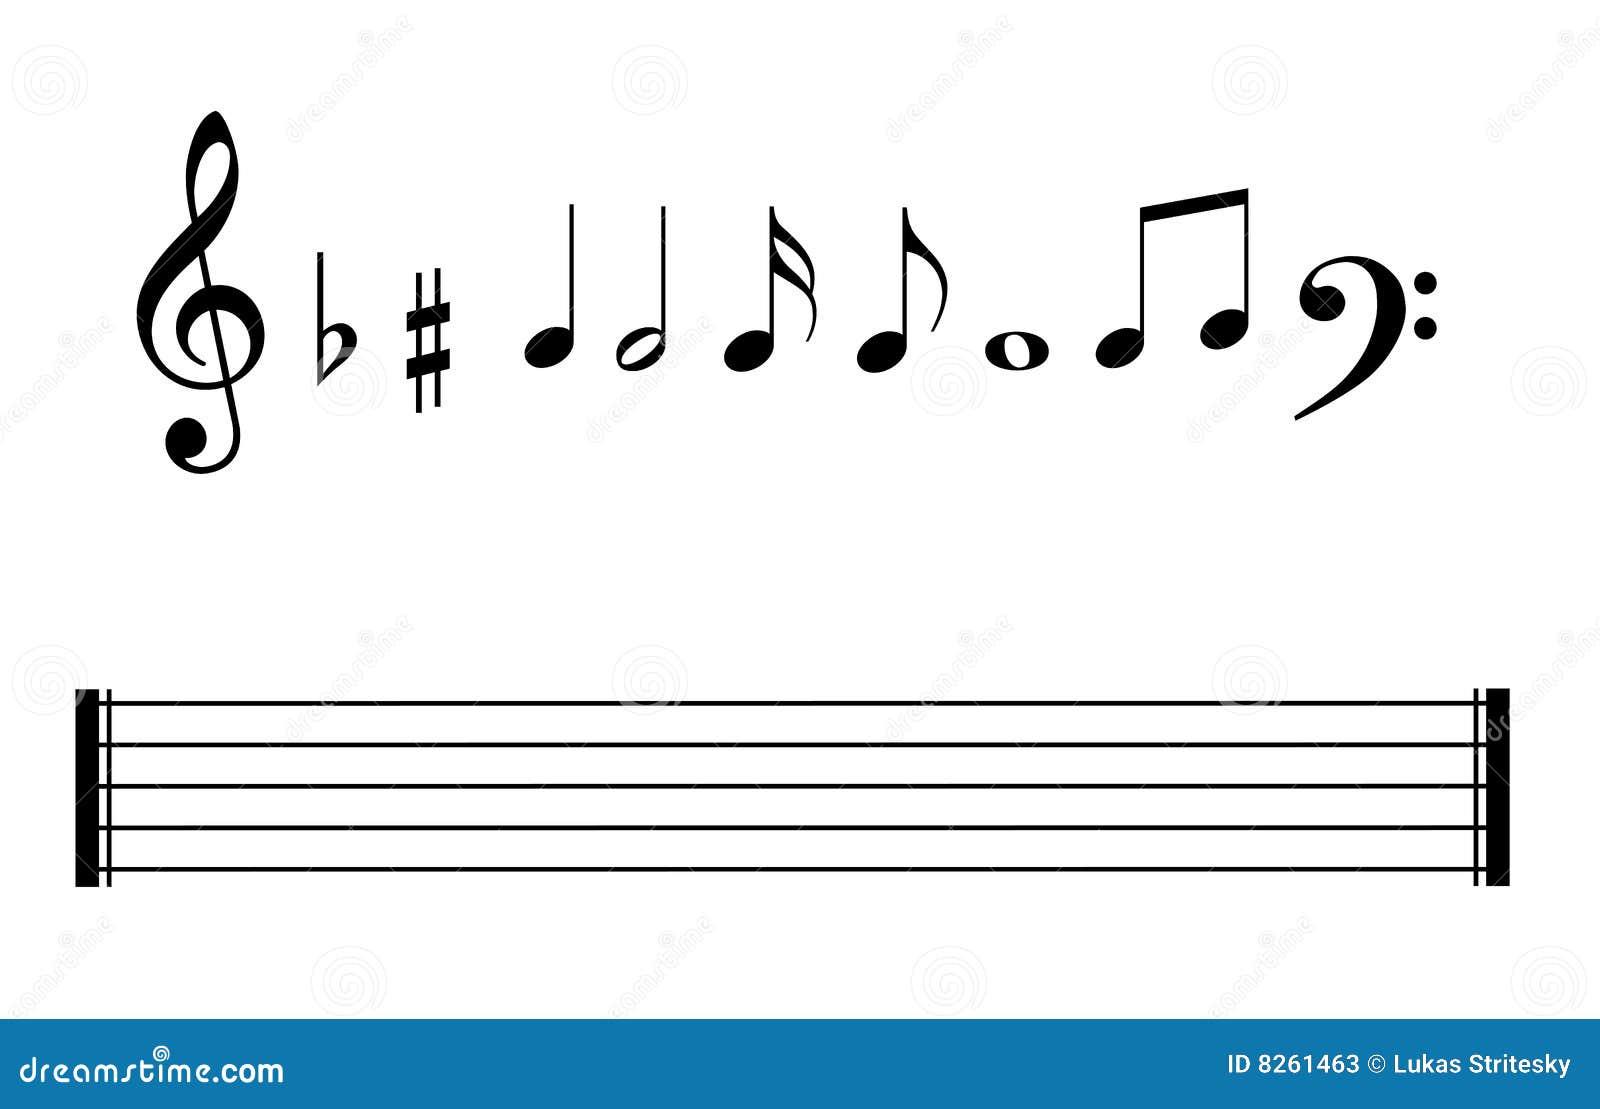 Conjunto de bastones de las notas musicales y de líneas de la nota musical